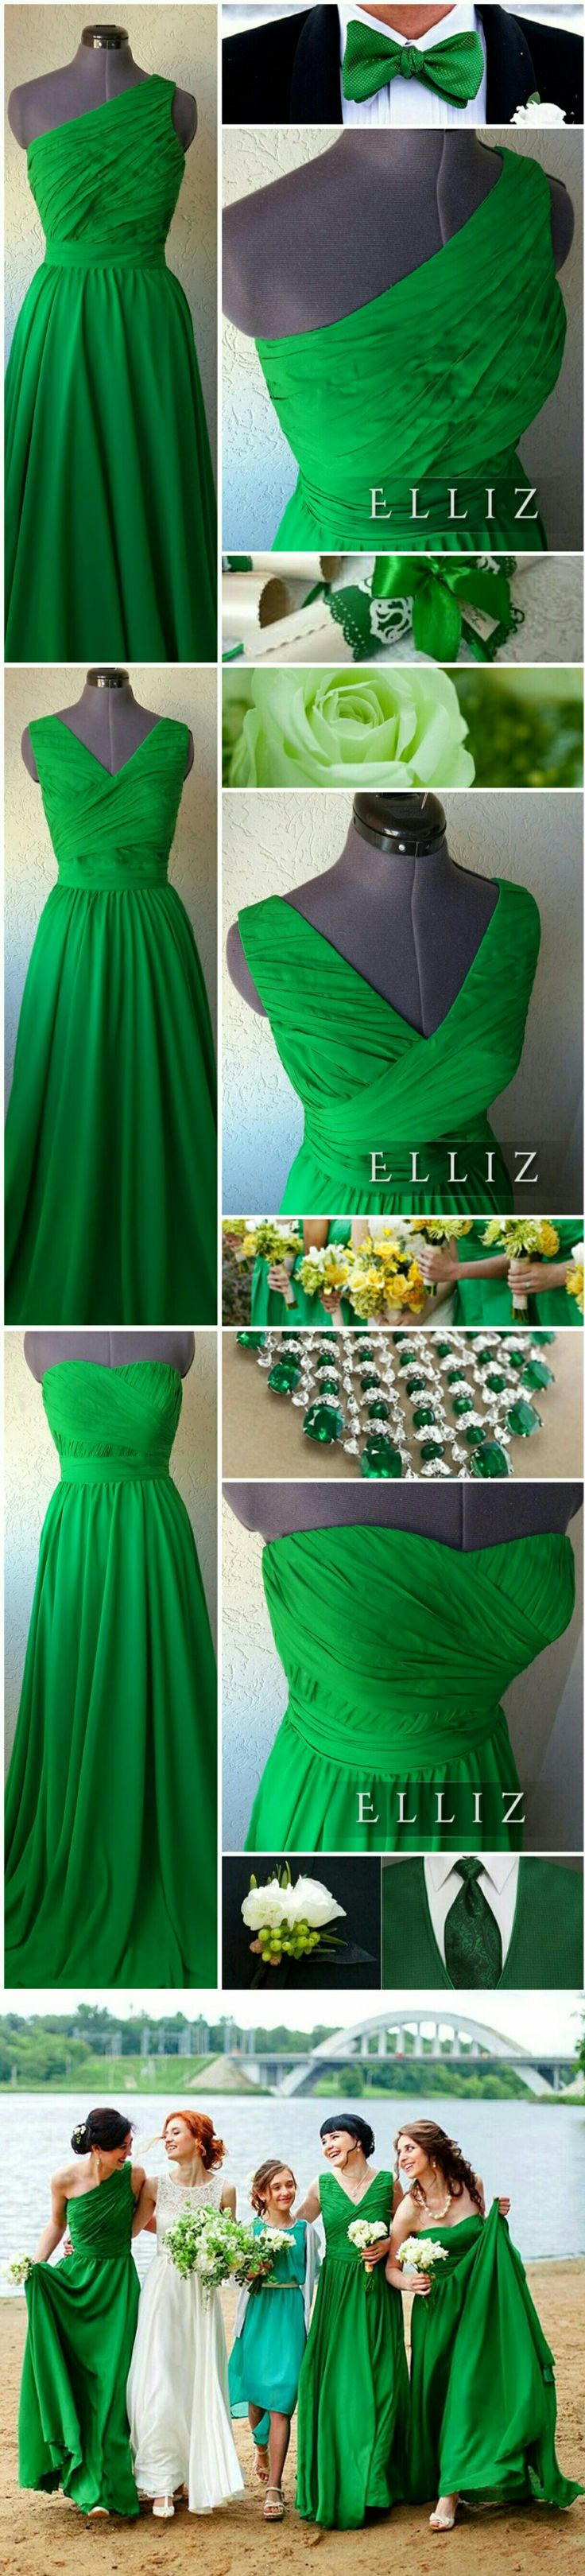 Платья подружек невесты. Изумрудное платье. Подружка невесты . Подружки. Зеленая свадьба. Зеленое платье. #изумруд #свадьба #шью #подружканевестыи#bridesmaids